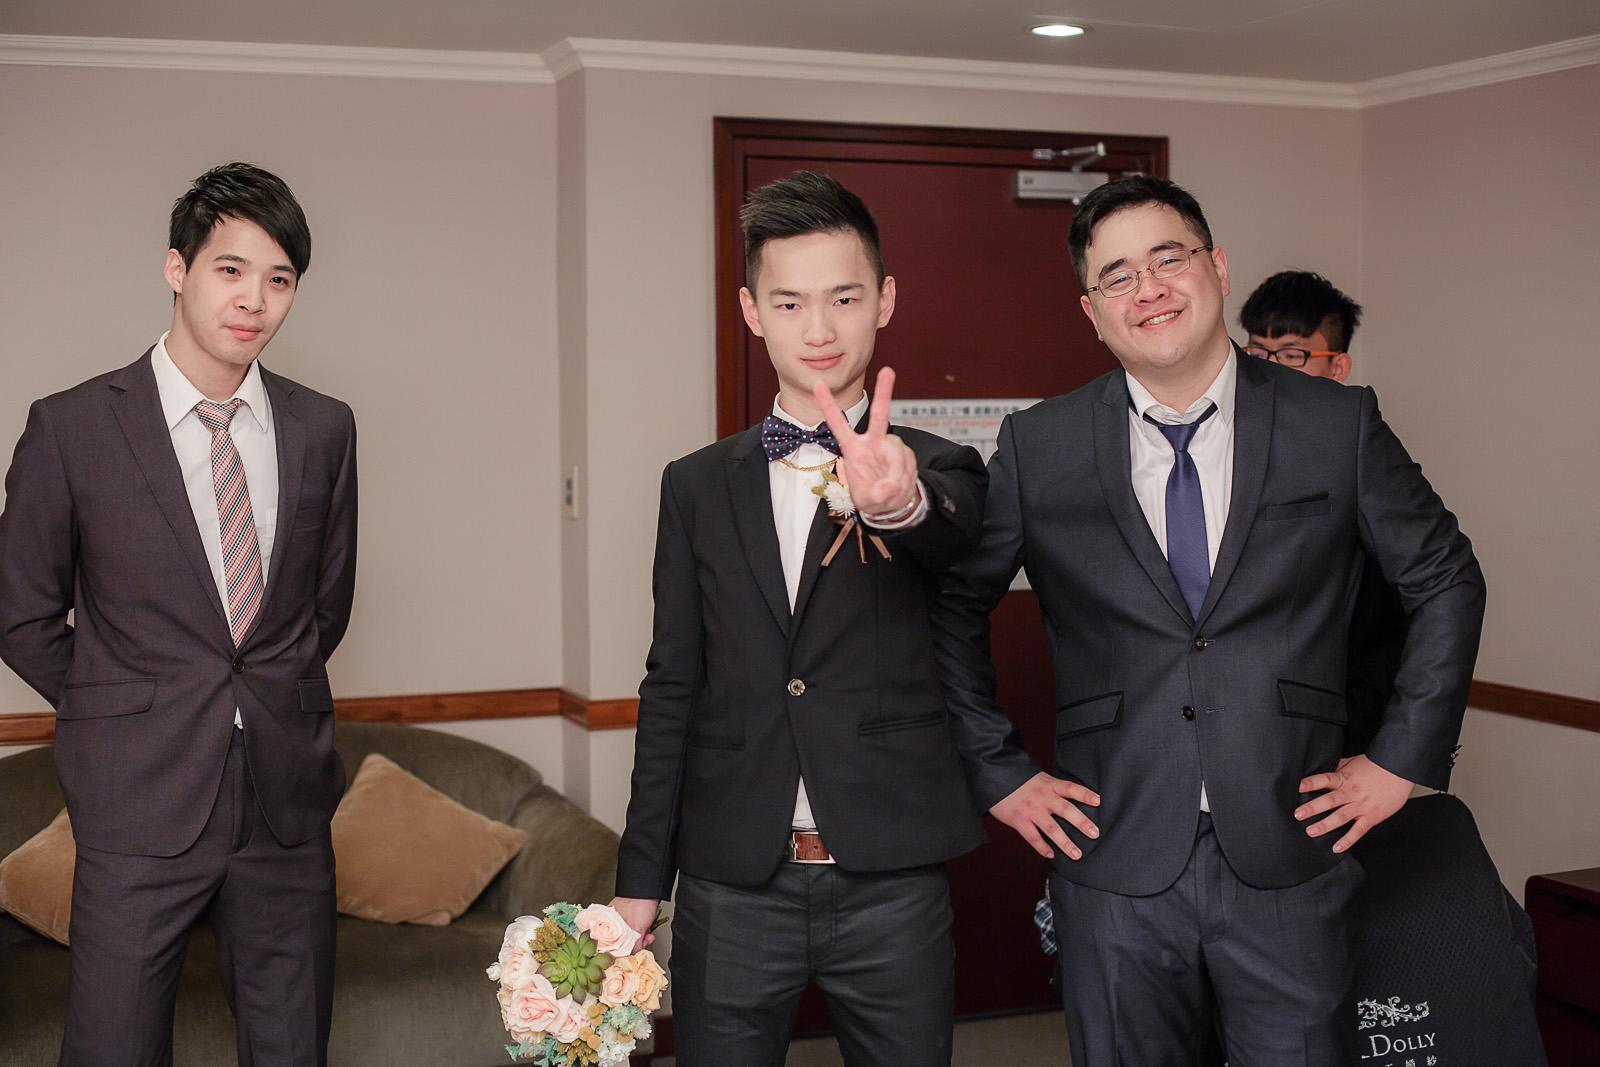 高雄圓山飯店,婚禮攝影,婚攝,高雄婚攝,優質婚攝推薦,Jen&Ethan-126